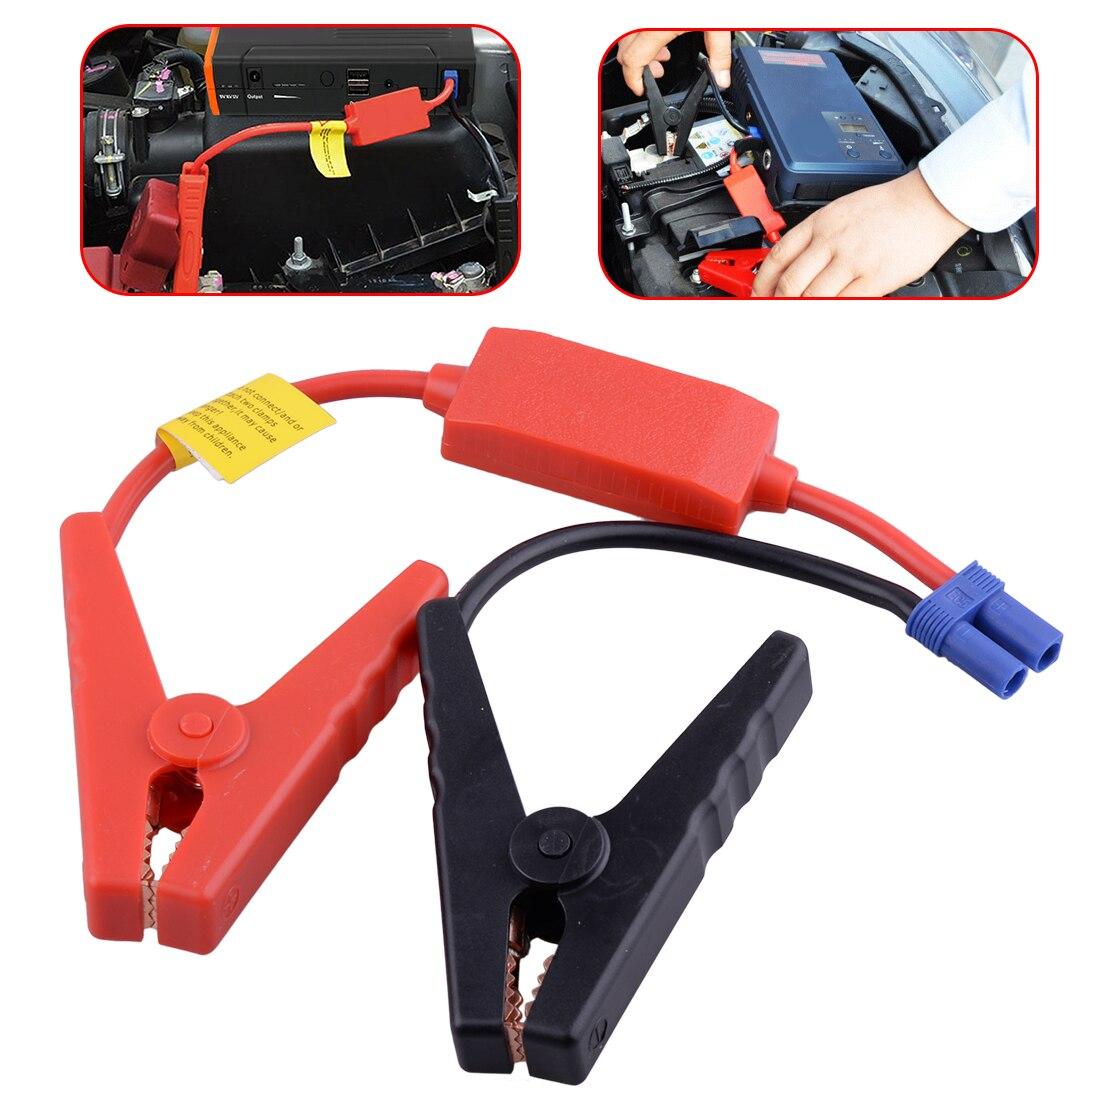 CITALL автомобиль EC5 пластиковый корпус бустер кабель Аллигатор зажим разъем батарея перемычка стартер штекер